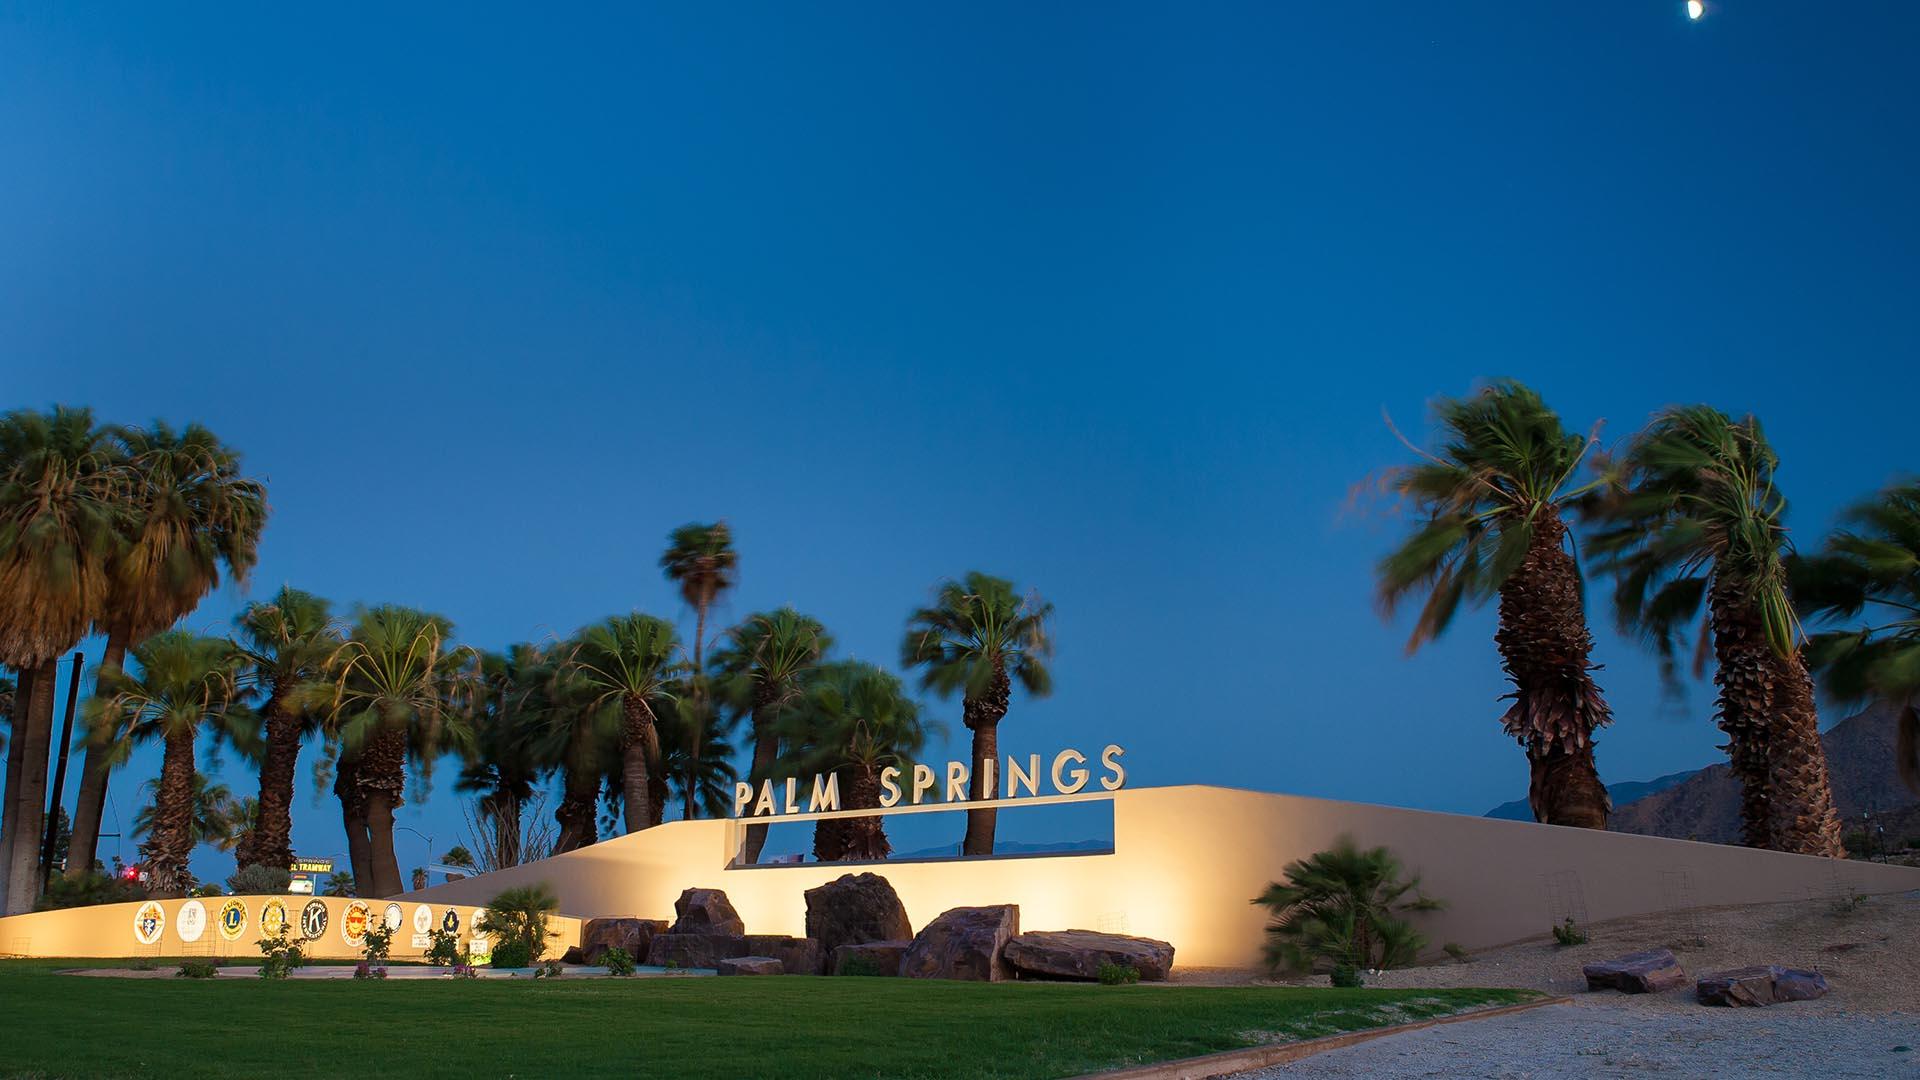 Palm Springs disfruta de su reputación como un enclave elegante de diseño de mediados de siglo durante todo el año, pero nunca más que en febrero durante la Semana del Modernismo. El evento de 11 días se extiende a lo largo del fin de semana del Día de los Presidentes, y muestra todos los aspectos de este estilo de posguerra en más de 350 eventos, que incluyen charlas, visitas al jardín y fiestas